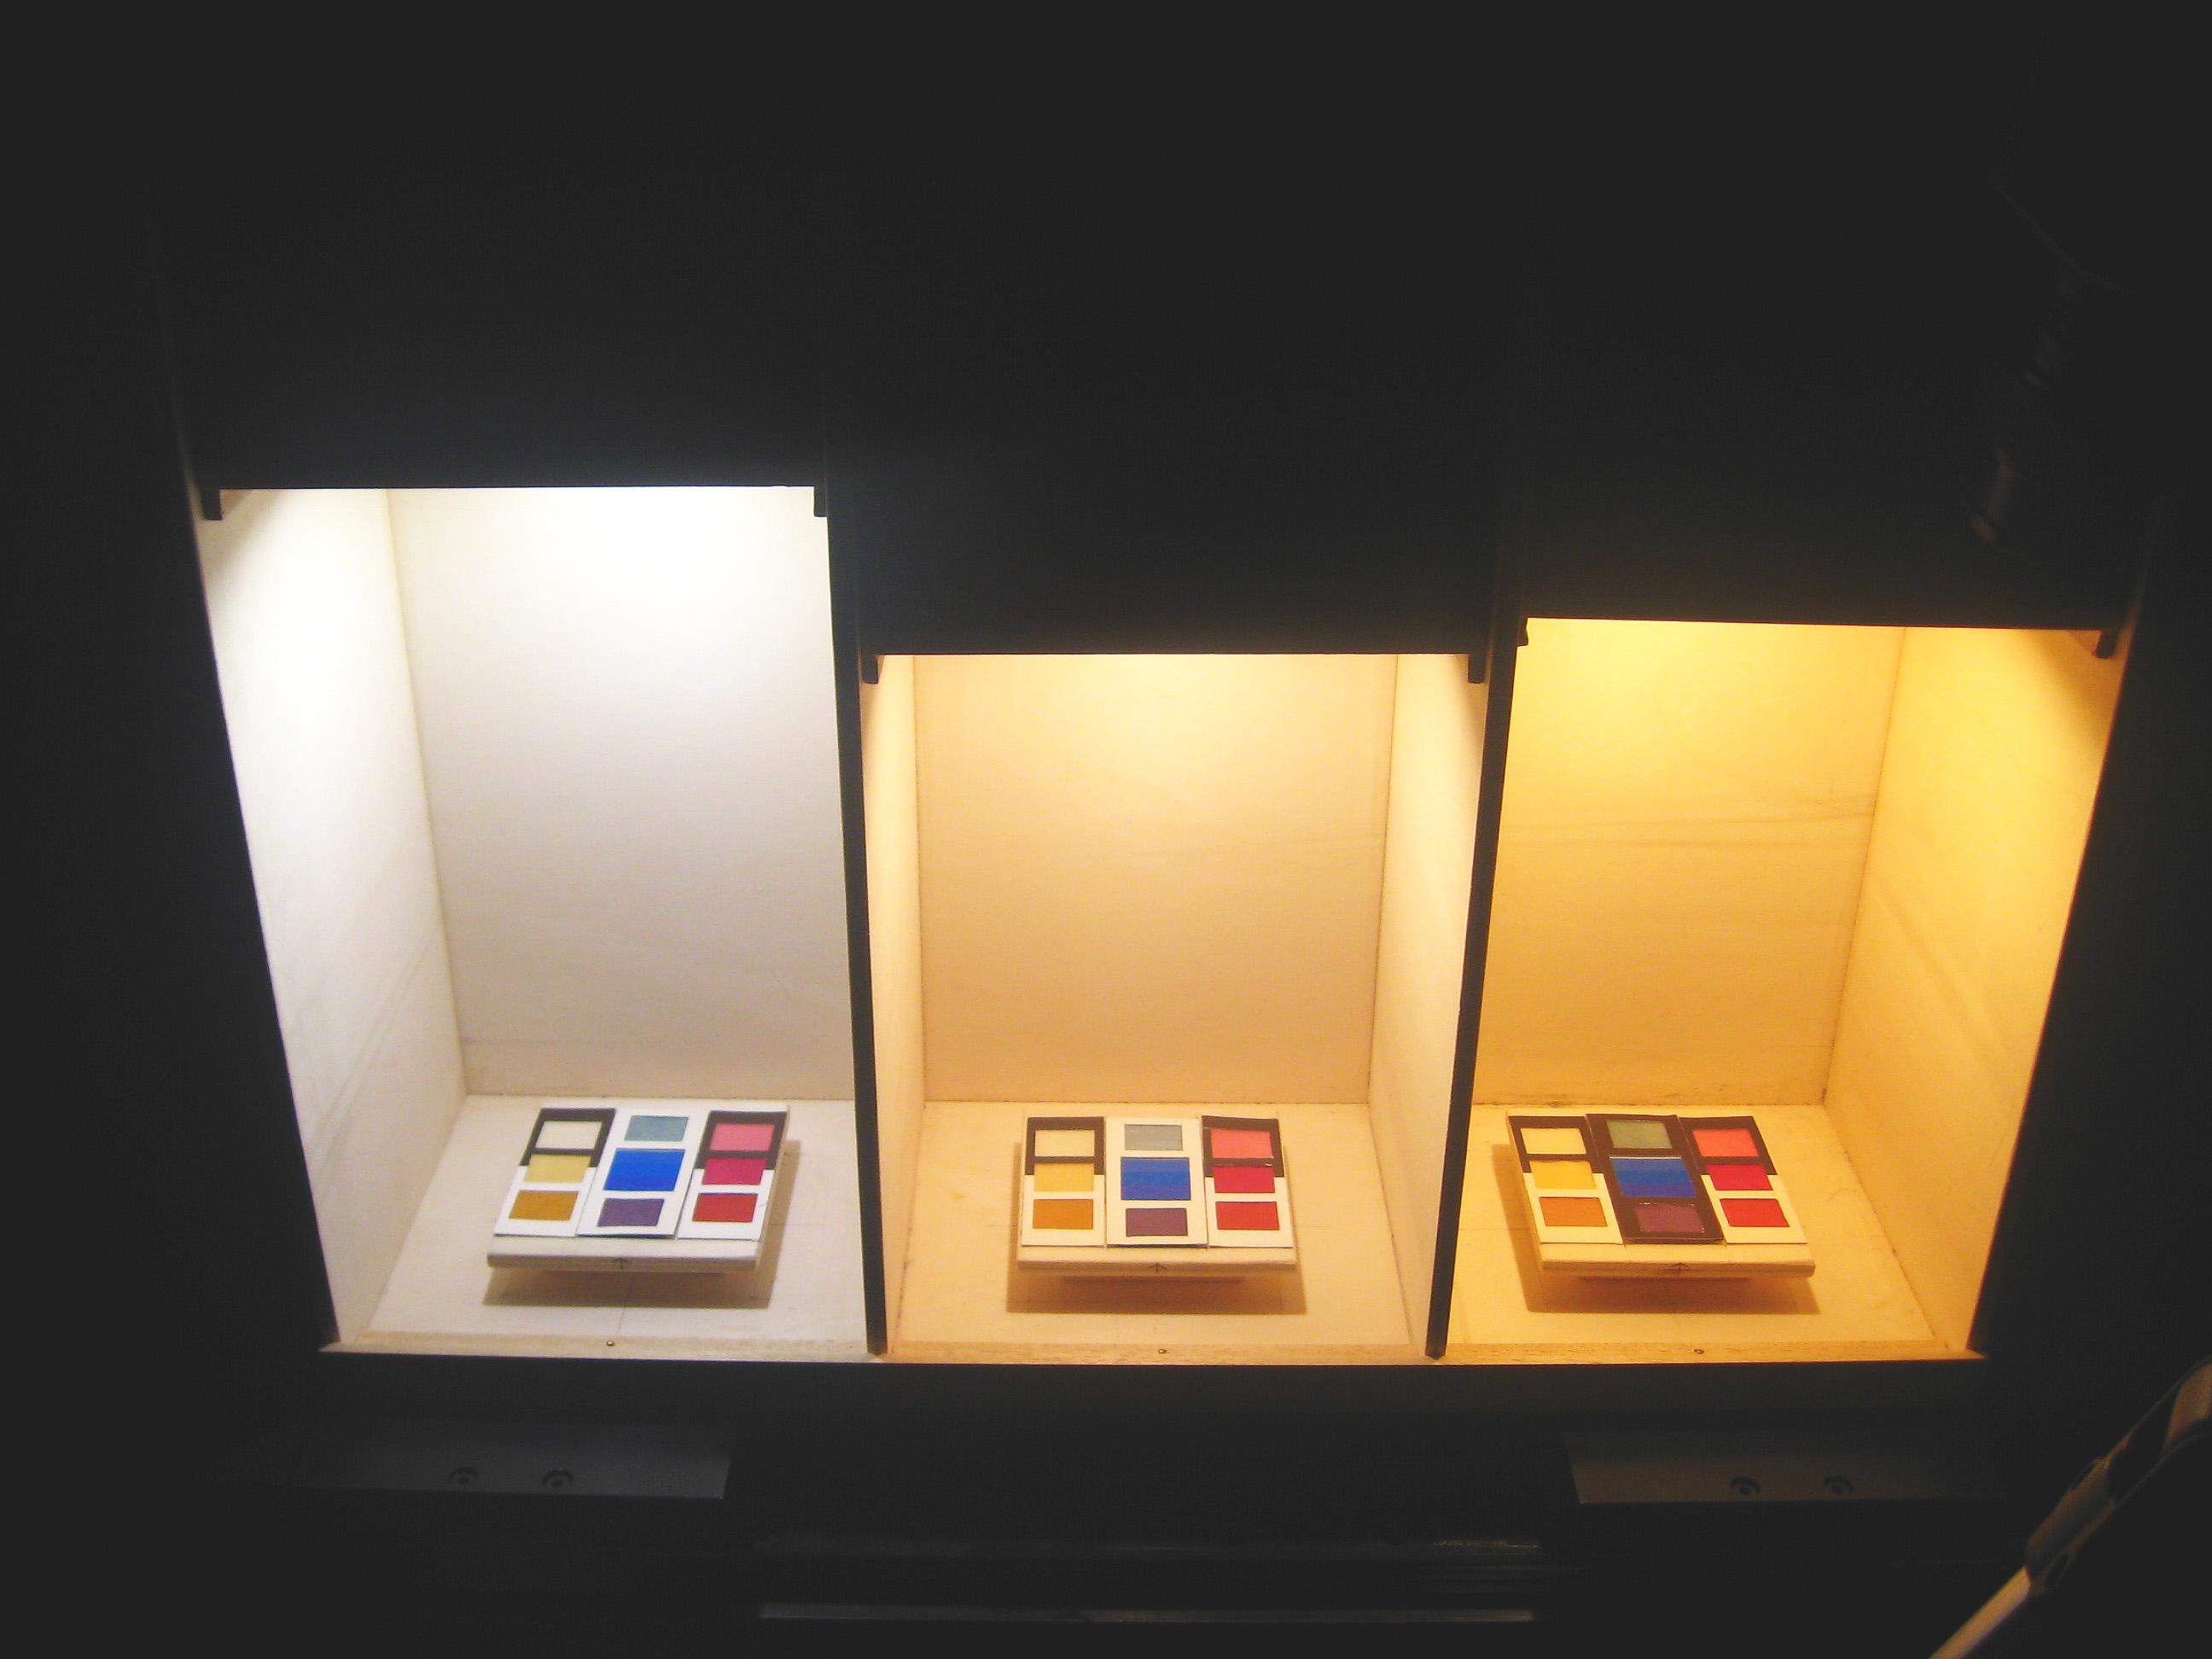 Illuminazione Vetrinetta : Sistemi led per applicazioni in vetrine museali luce e design